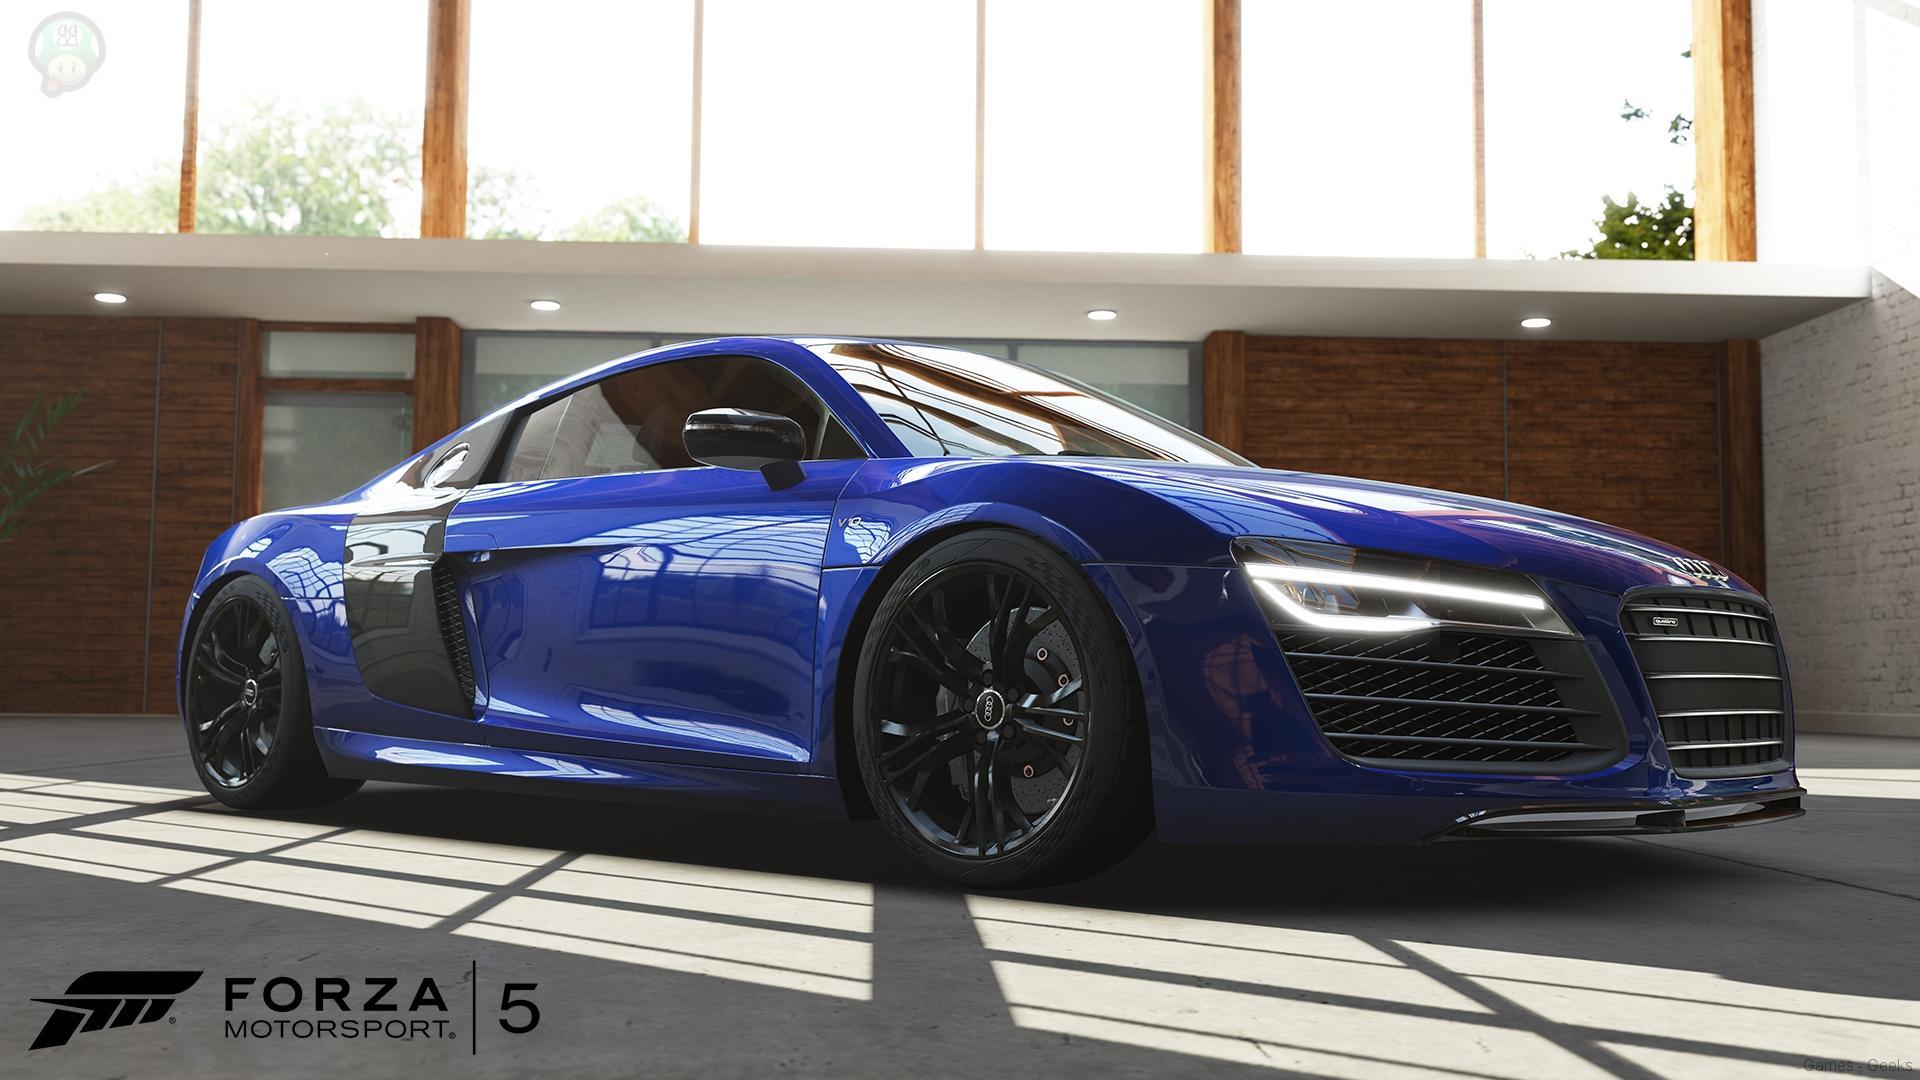 forza5-carreveal-r8v10plus-wm-uukmla Forza 5 : 4 nouvelles voitures dévoilées